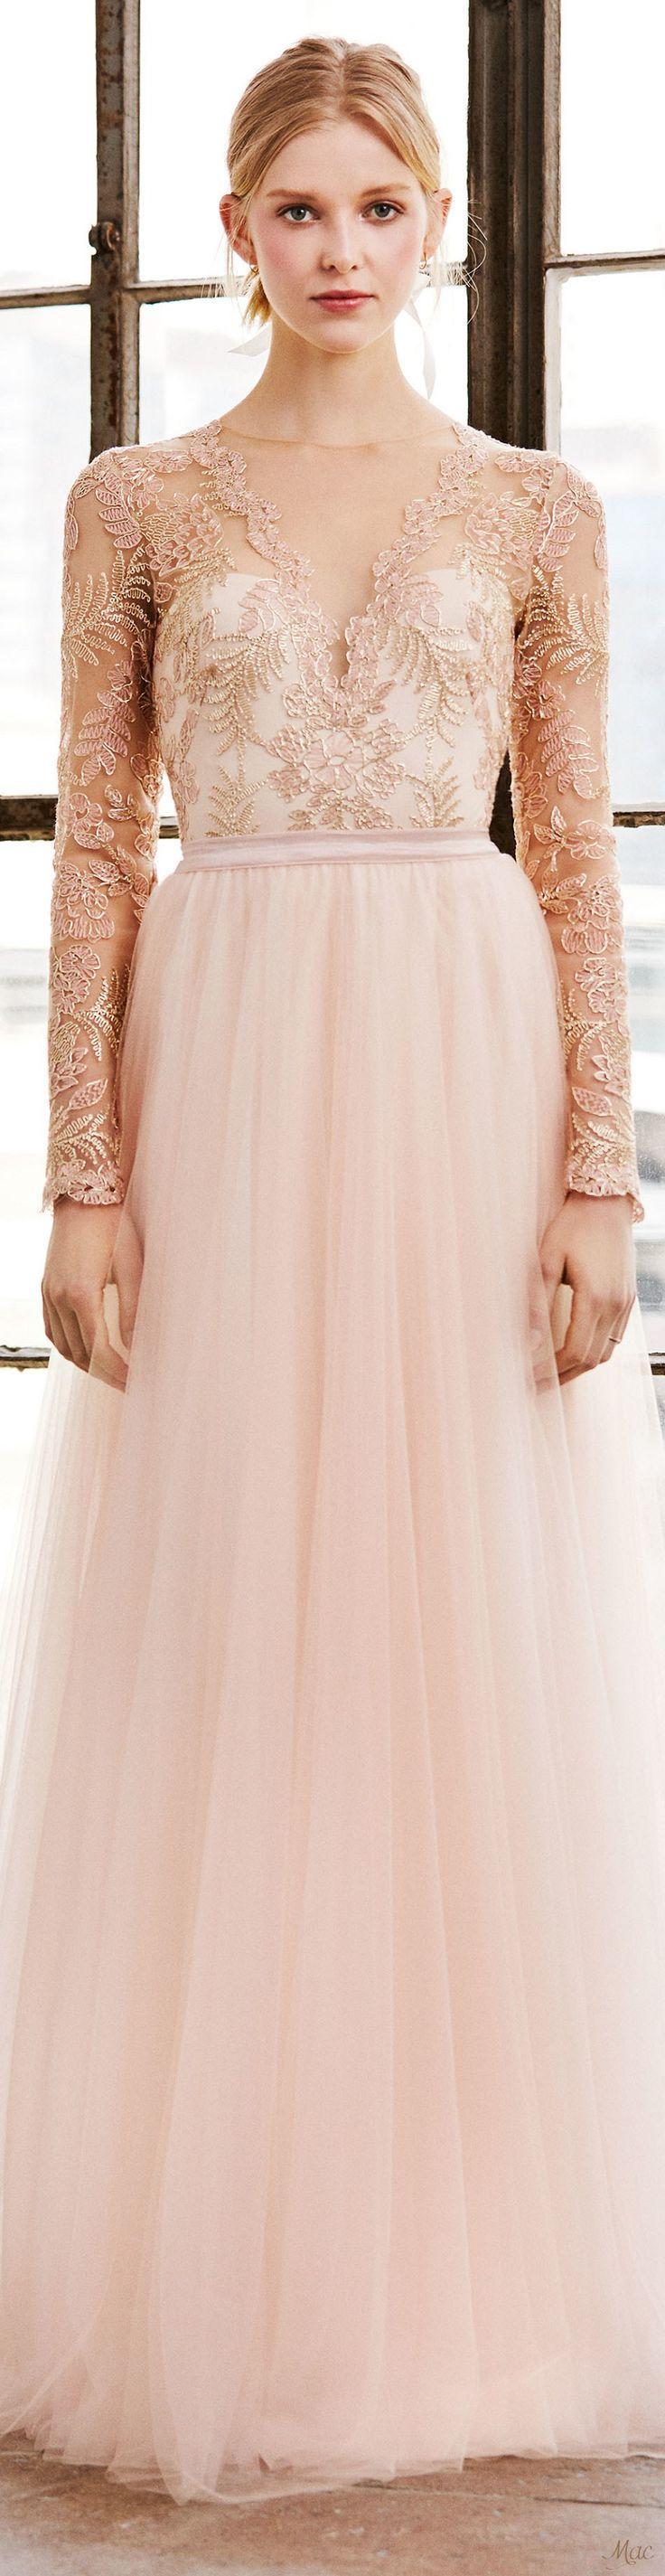 Lujo Vestido De Novia Tadashi Colección de Imágenes - Colección de ...